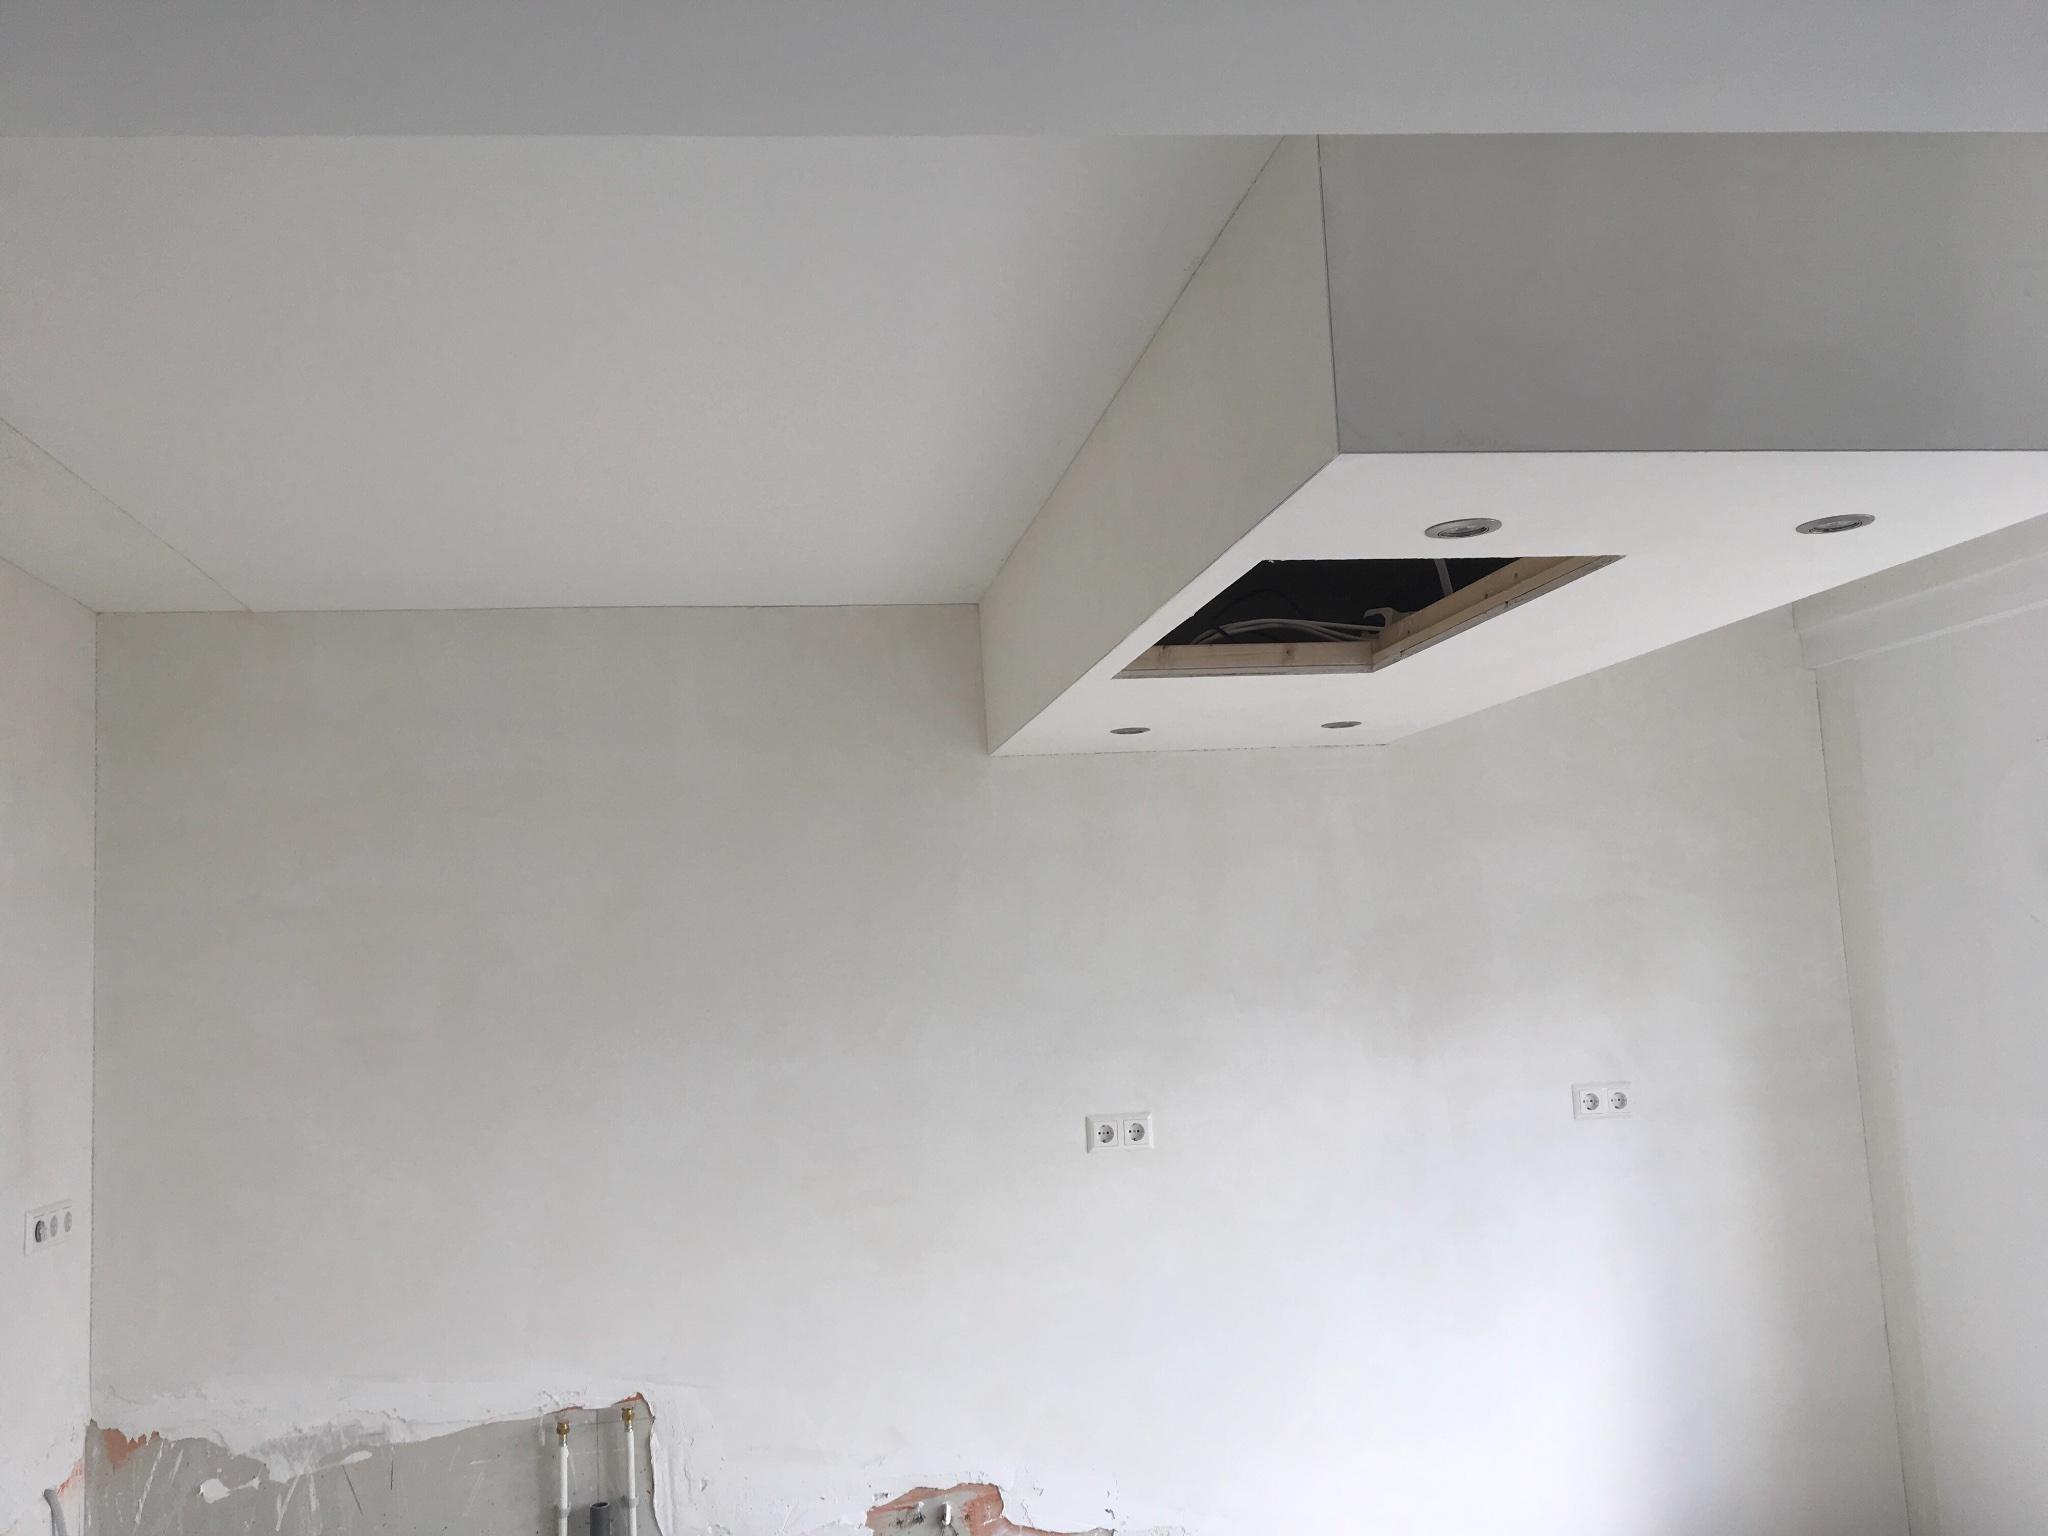 Vaak Keukenwand & plafond + koof schilderen 25m2 - Werkspot ZM03